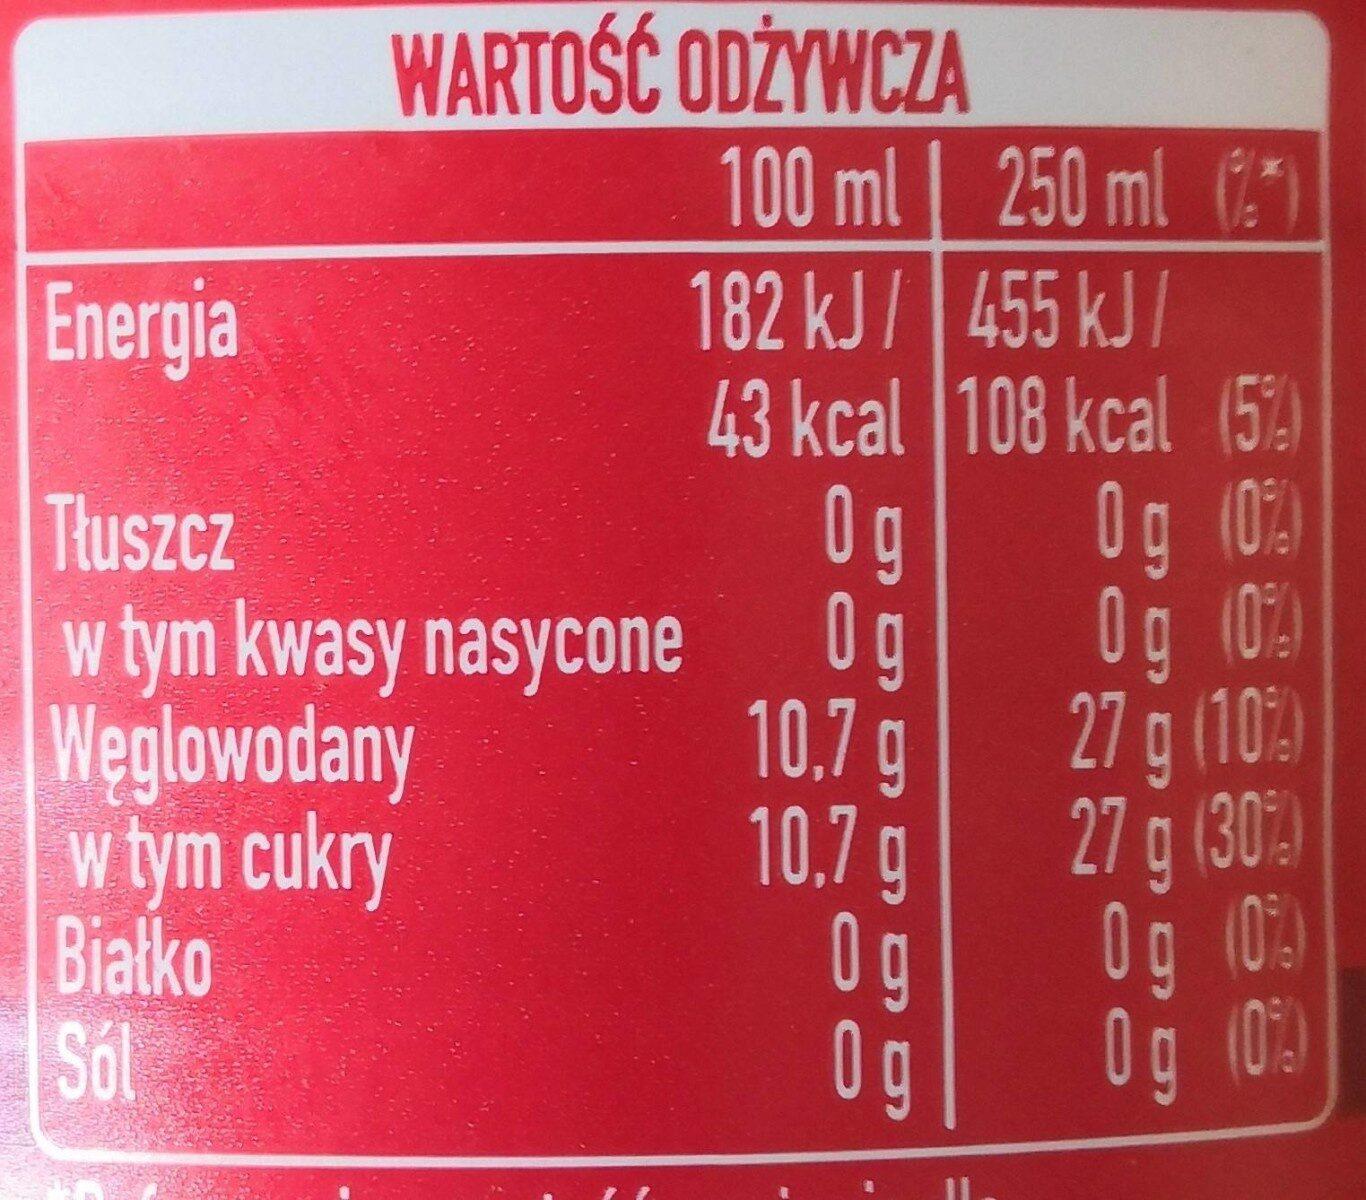 Napój gazowany o smaku cola i wiśniowym. - Wartości odżywcze - pl